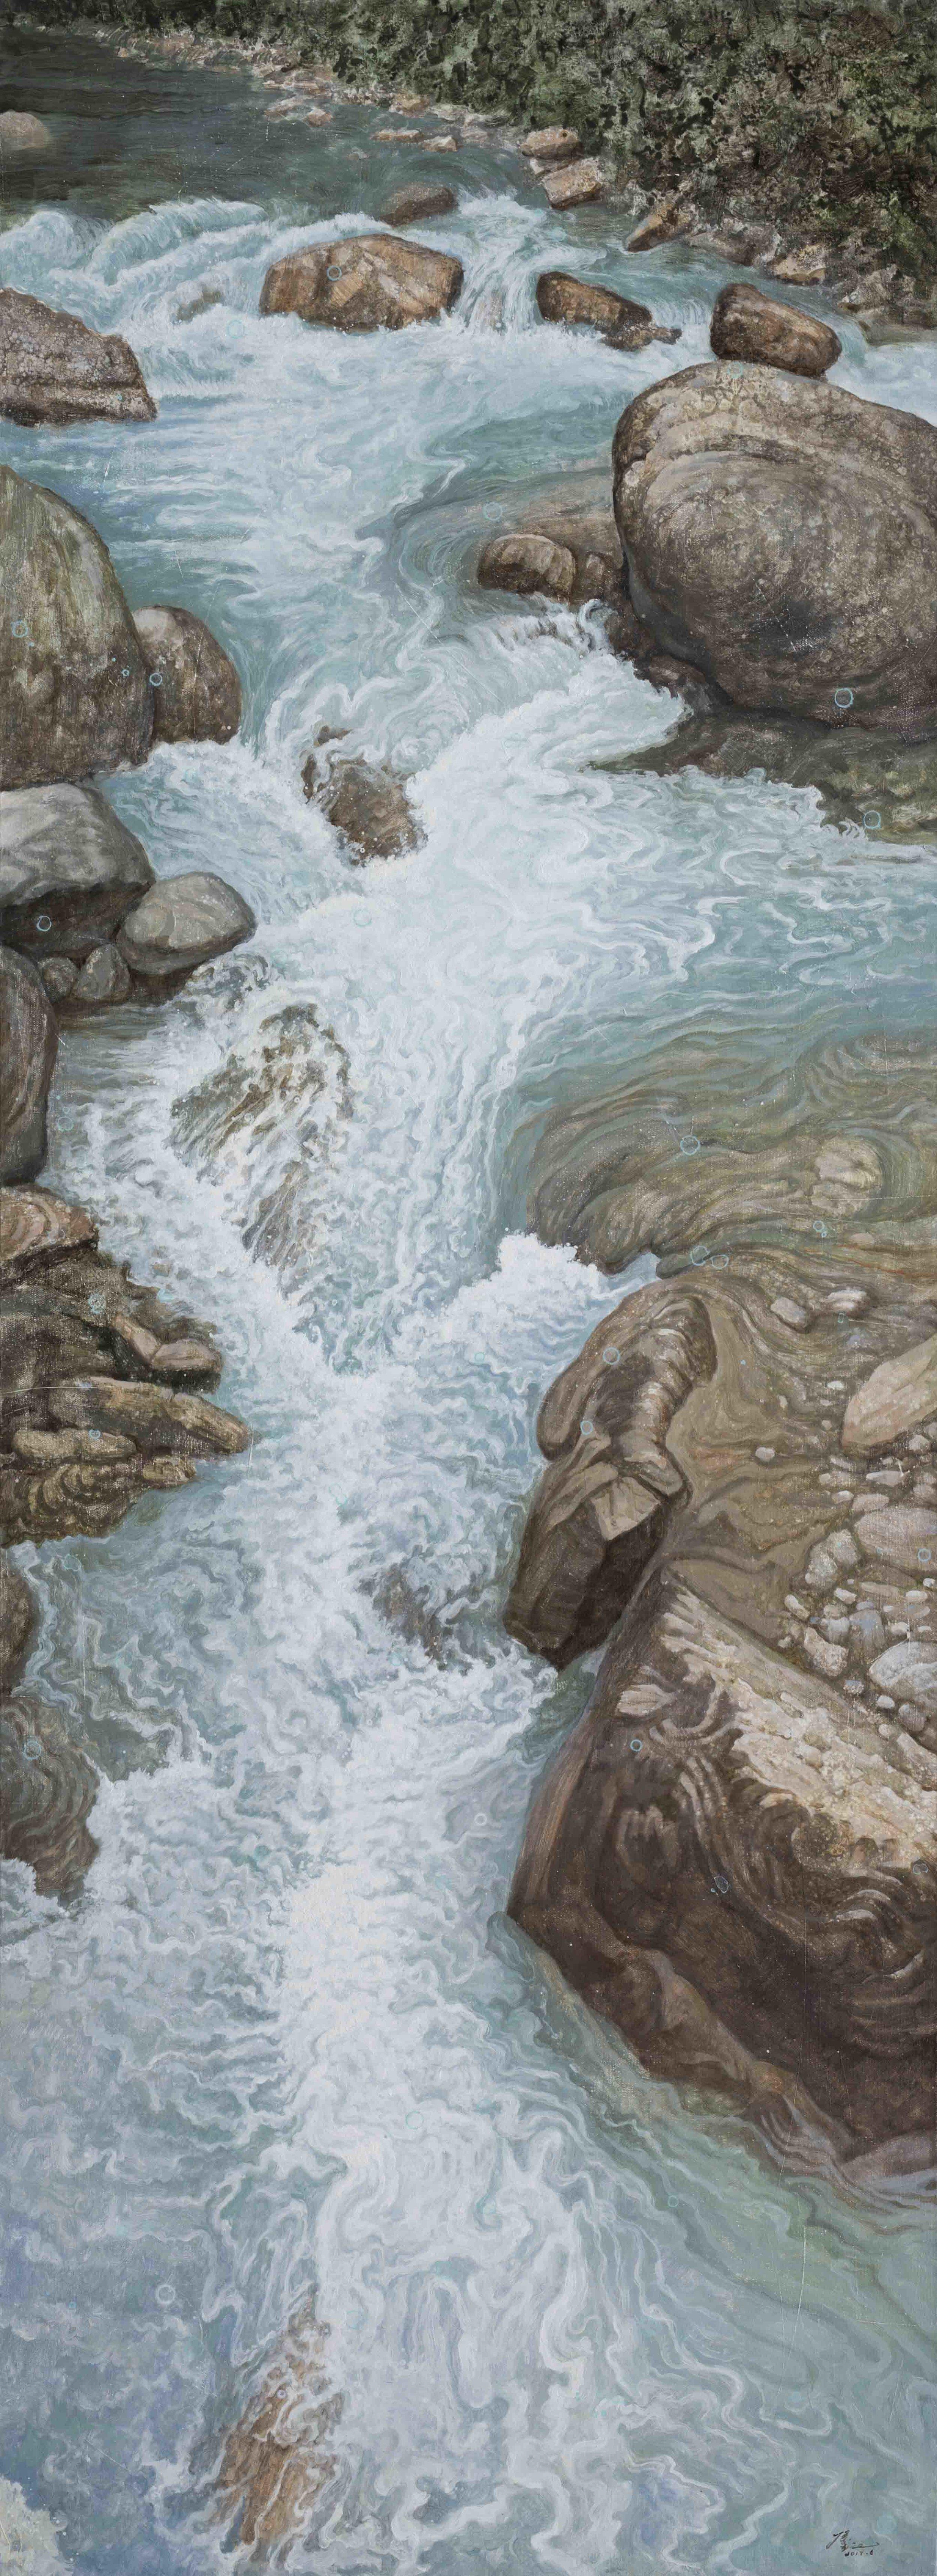 侯俊杰 HOU Junjie〈上善若水·觀瀾 NO.2 The Supreme Good is Like Water-Observing Ripples NO.2〉